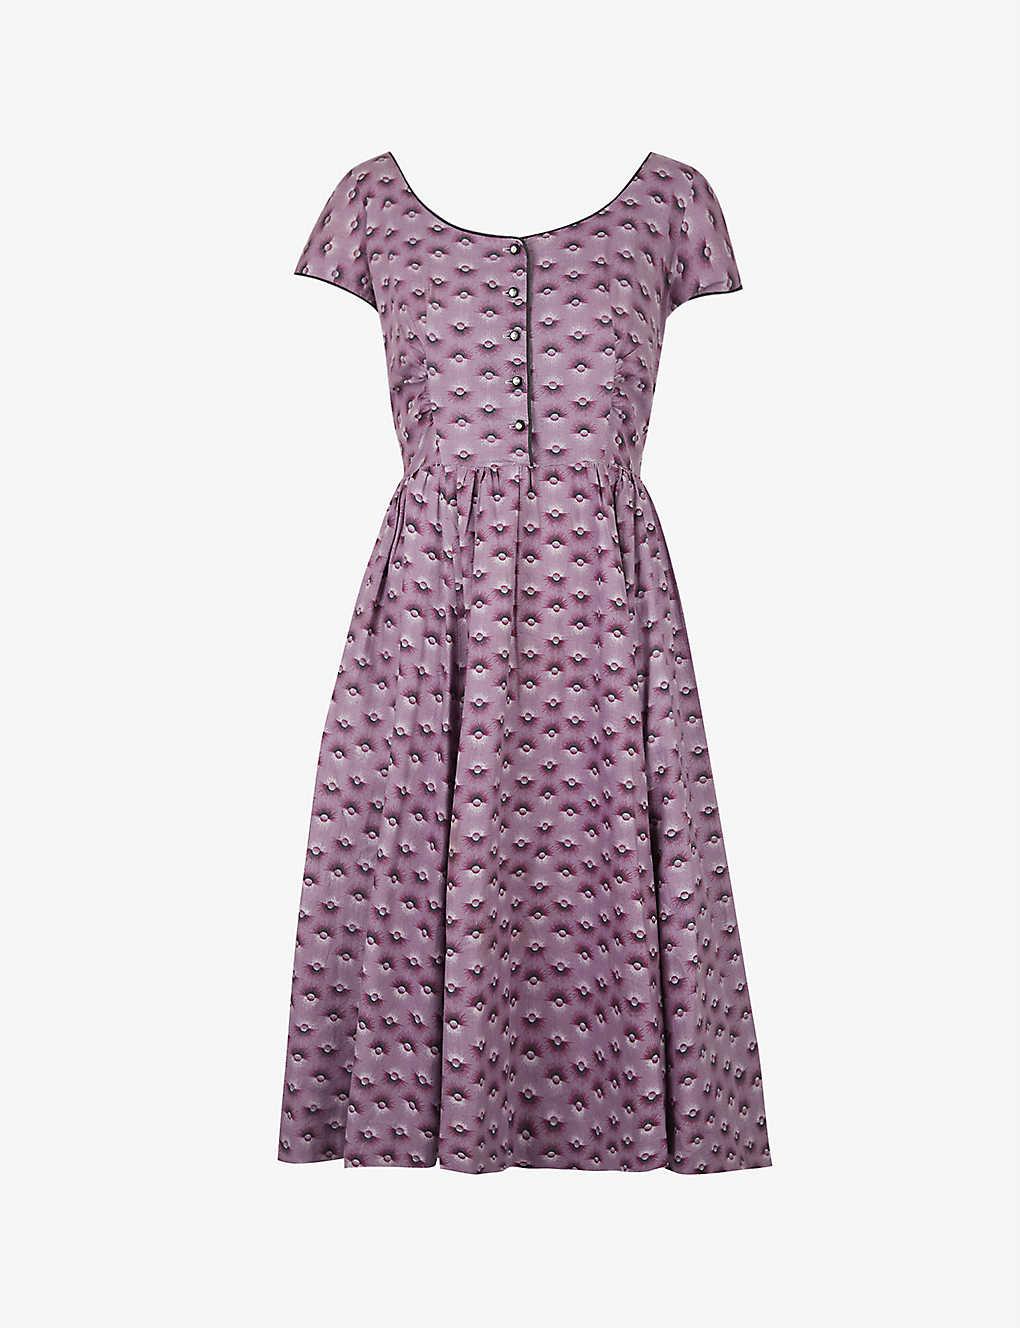 Pre-loved 1950s graphic-print poplin midi dress